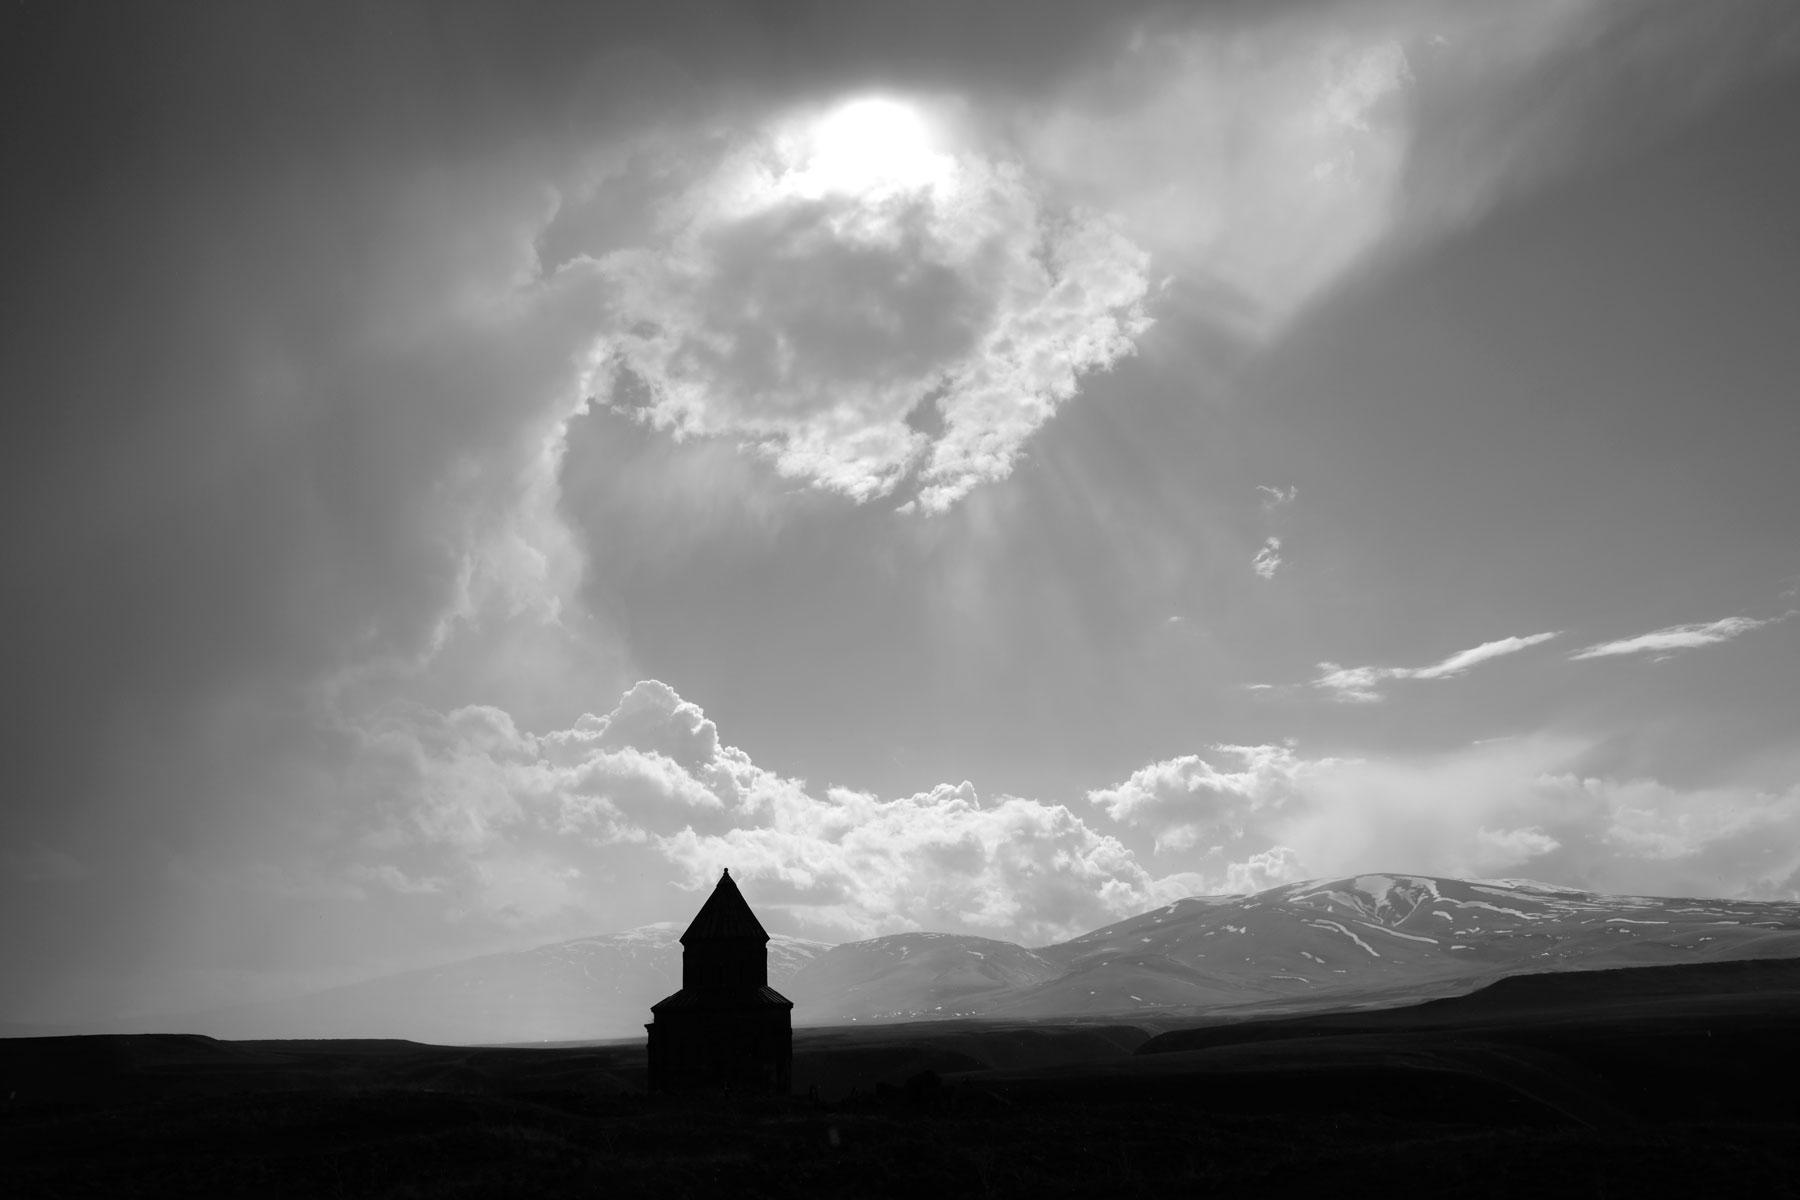 Silhouette des Schamatun der Apostelkirche. Die Sonne kommt hinter den Wolken hervor.